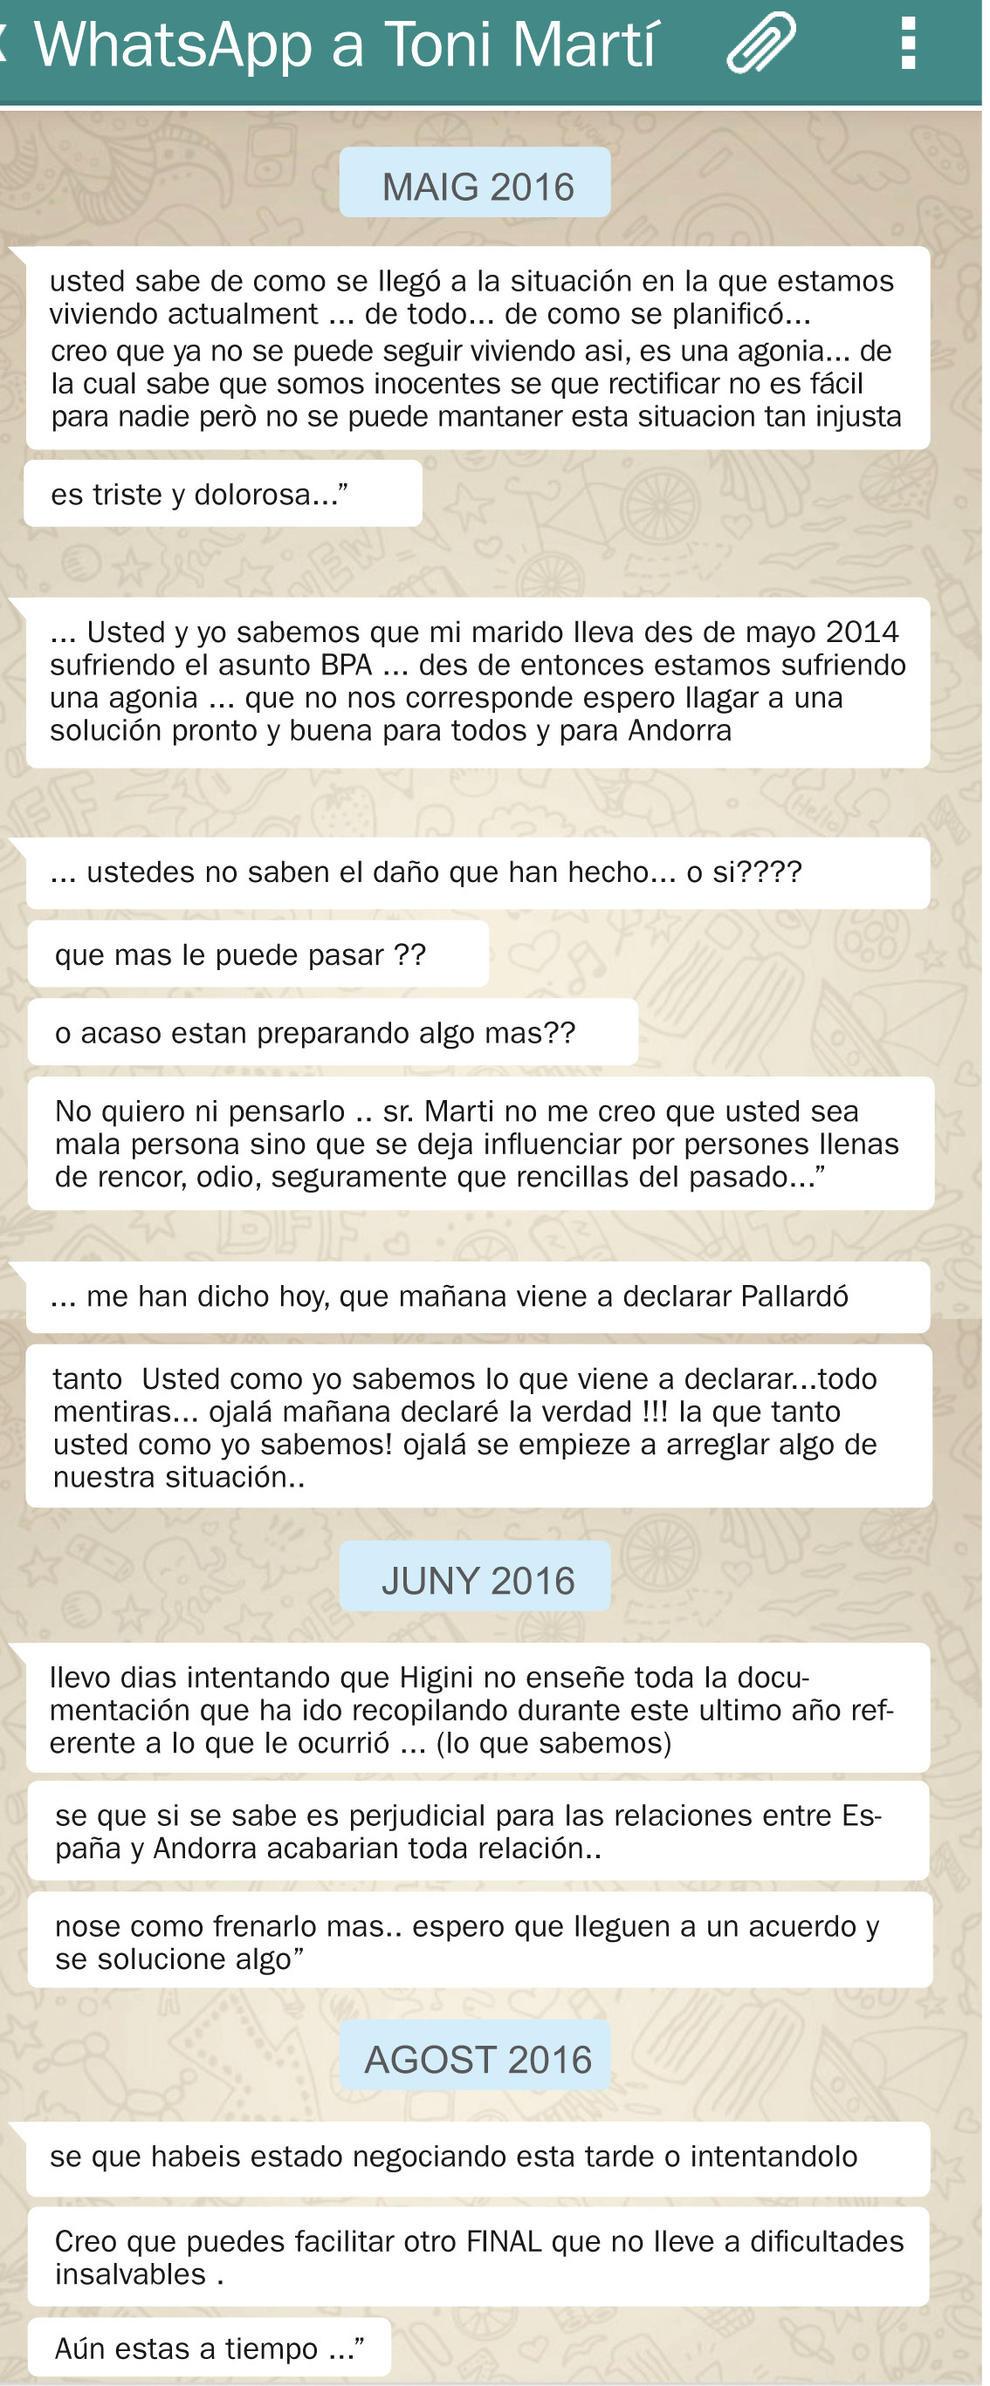 WhatsTonMart